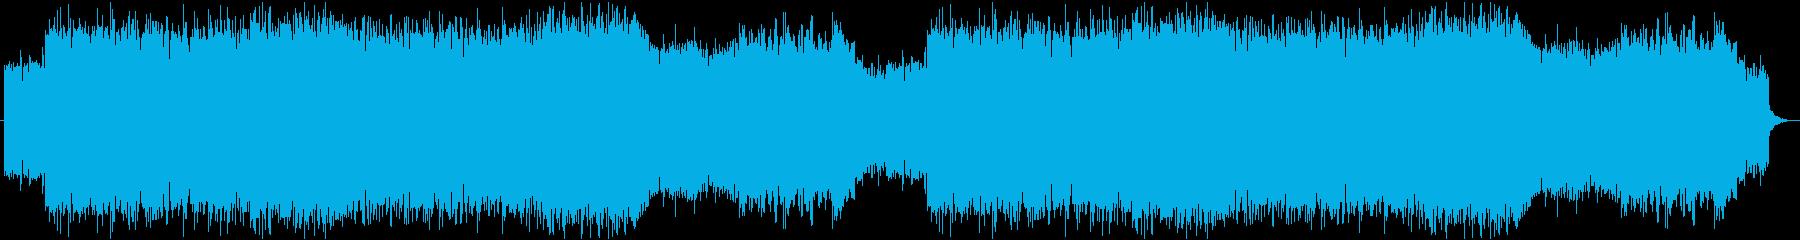 吹きすさぶ風の山巓BGMの再生済みの波形